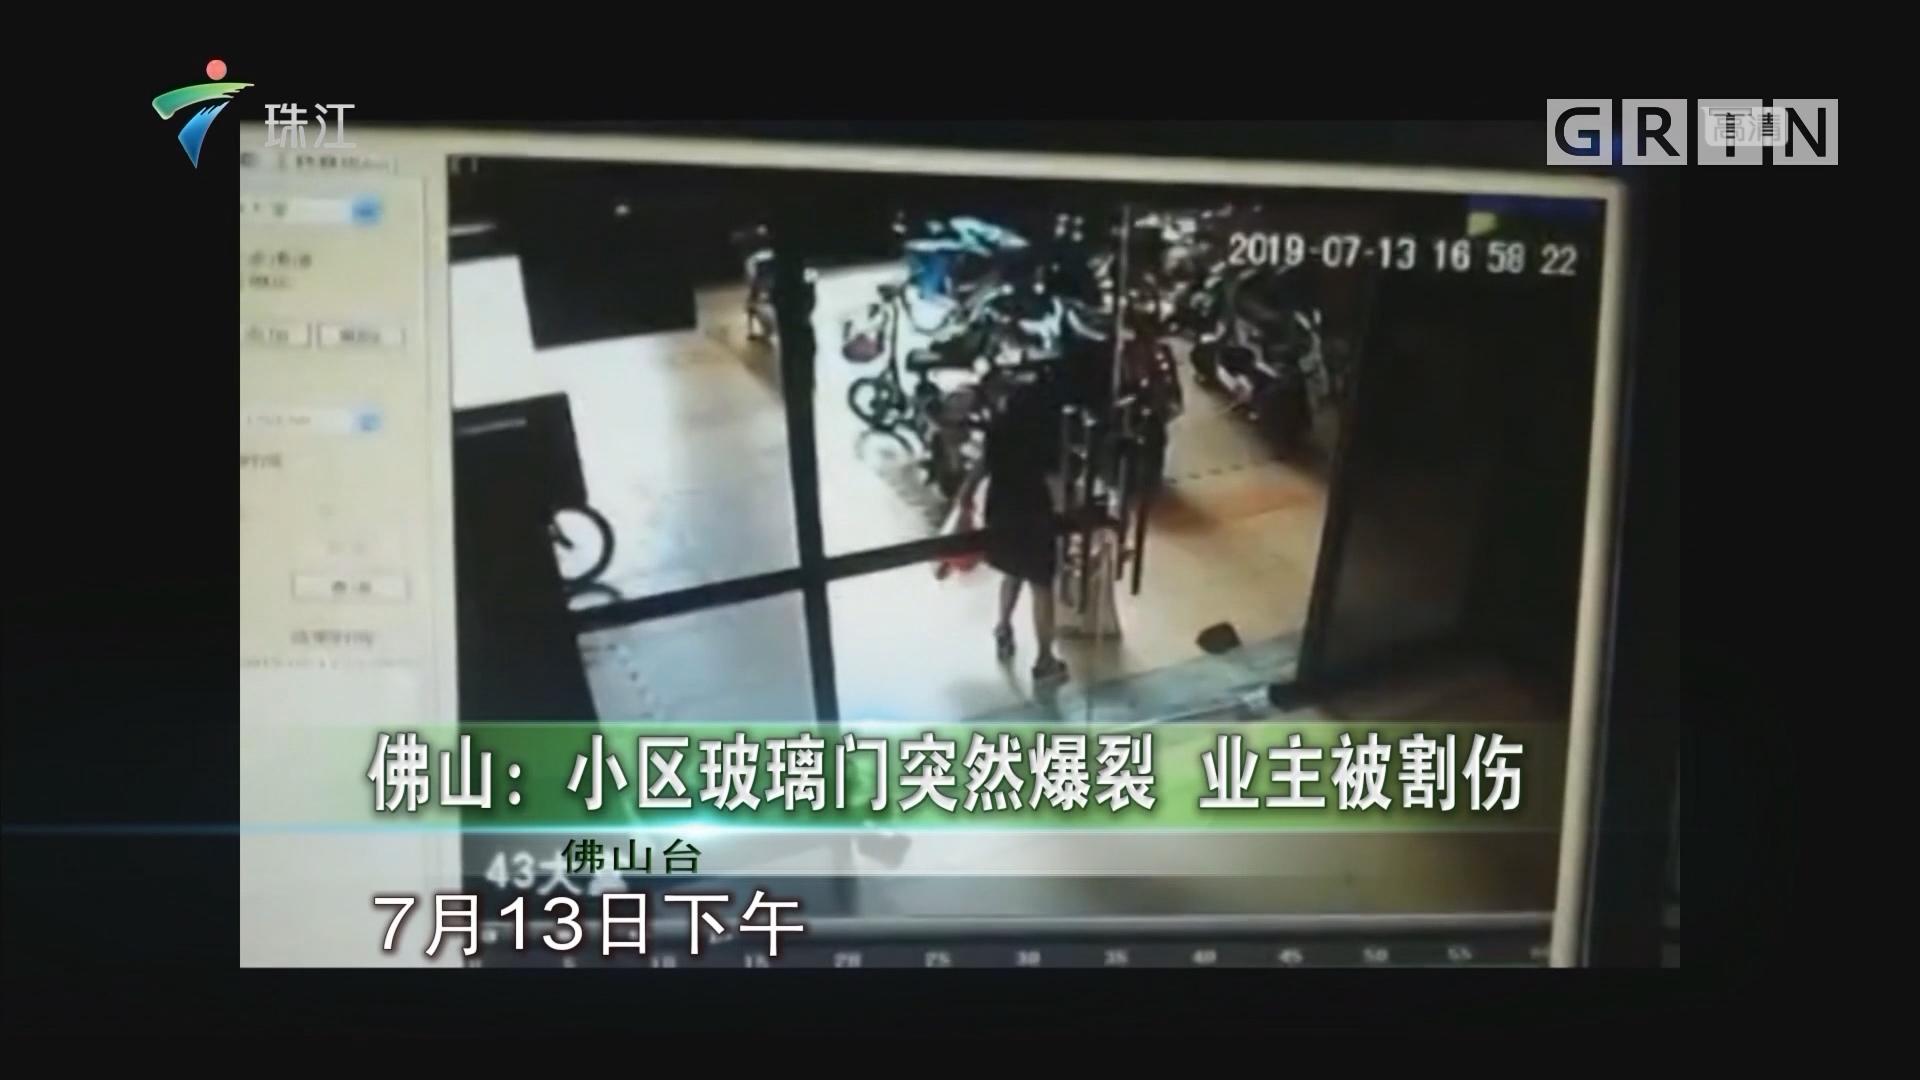 佛山:小区玻璃门突然爆裂 业主被割伤